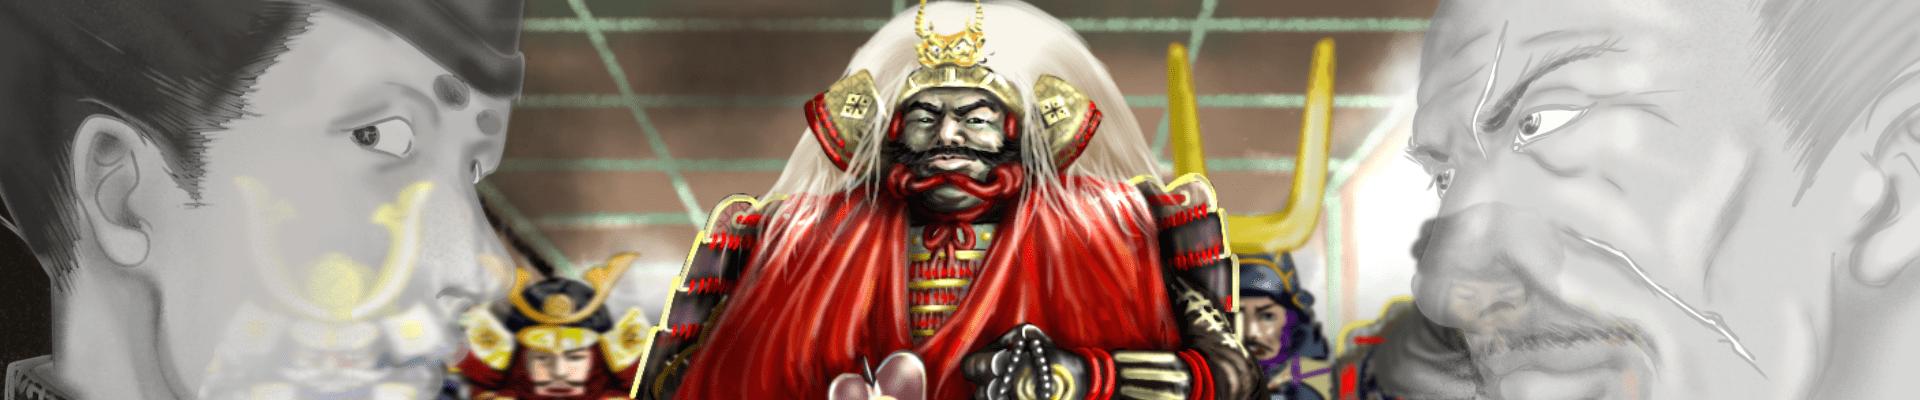 武田信玄のメインビジュアル(今川攻めで出陣する信玄)